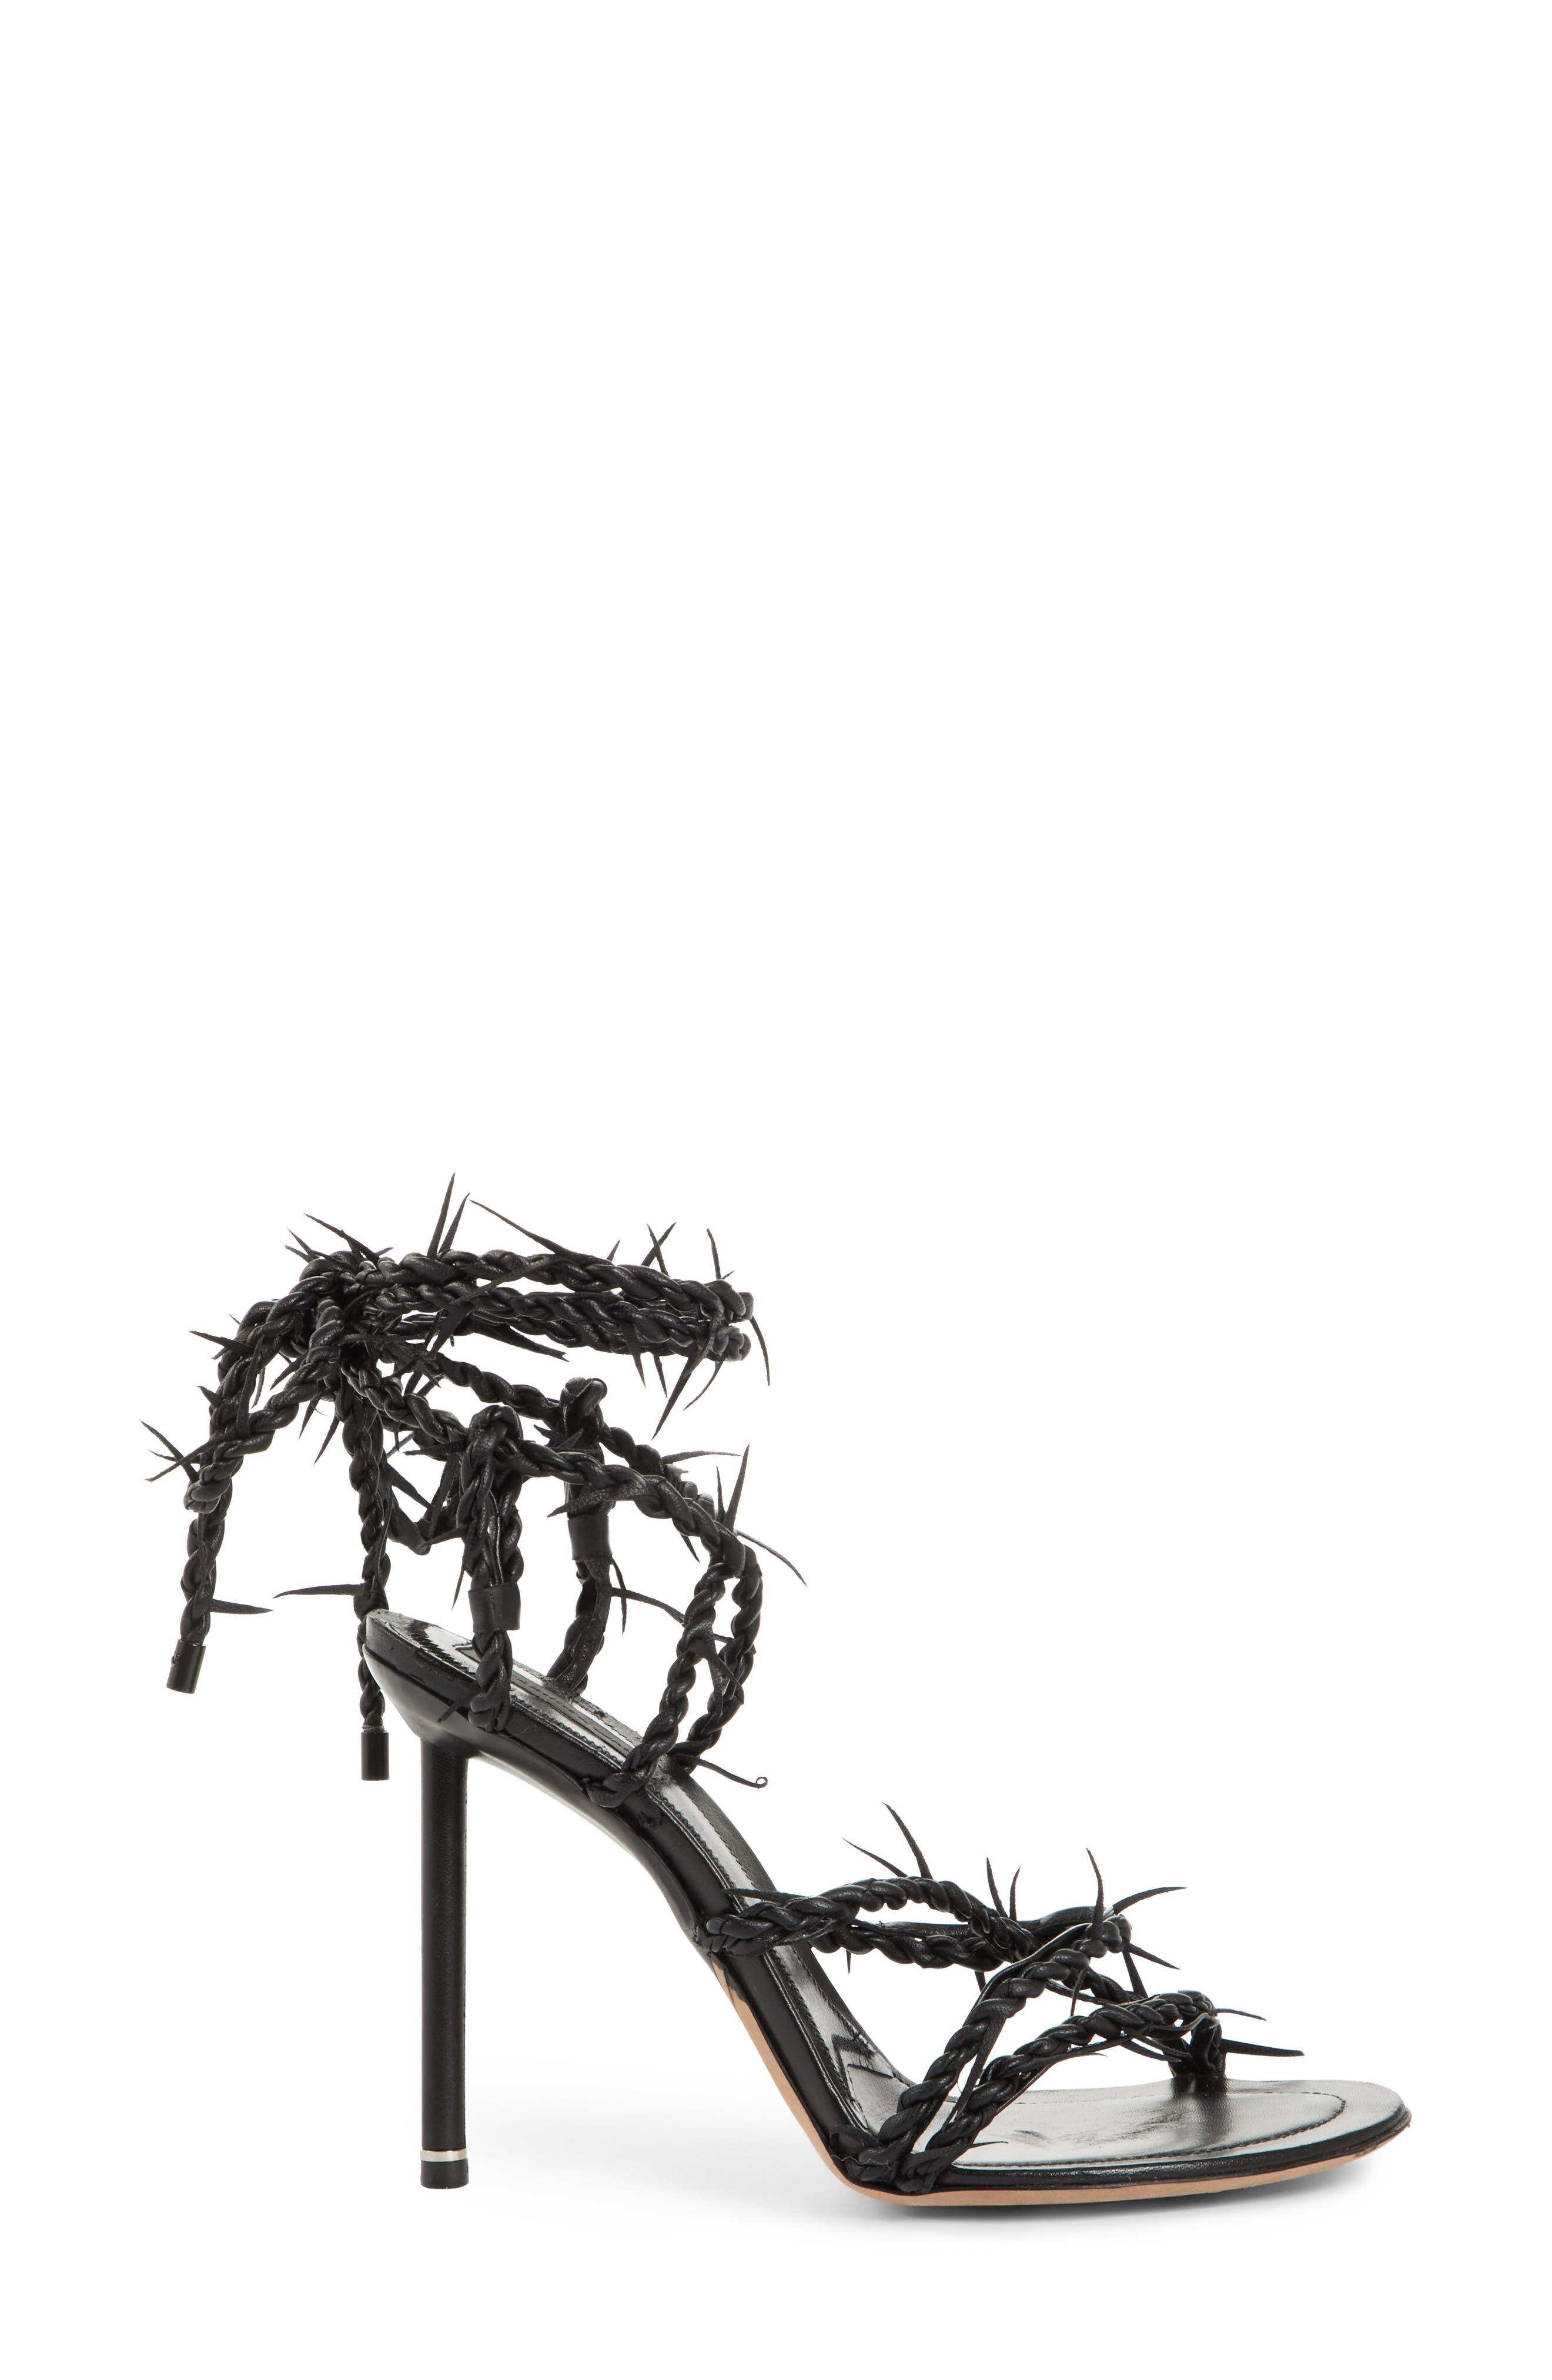 Lexie Cabel Wire Sandal,                             Alternate thumbnail 3, color,                             Black